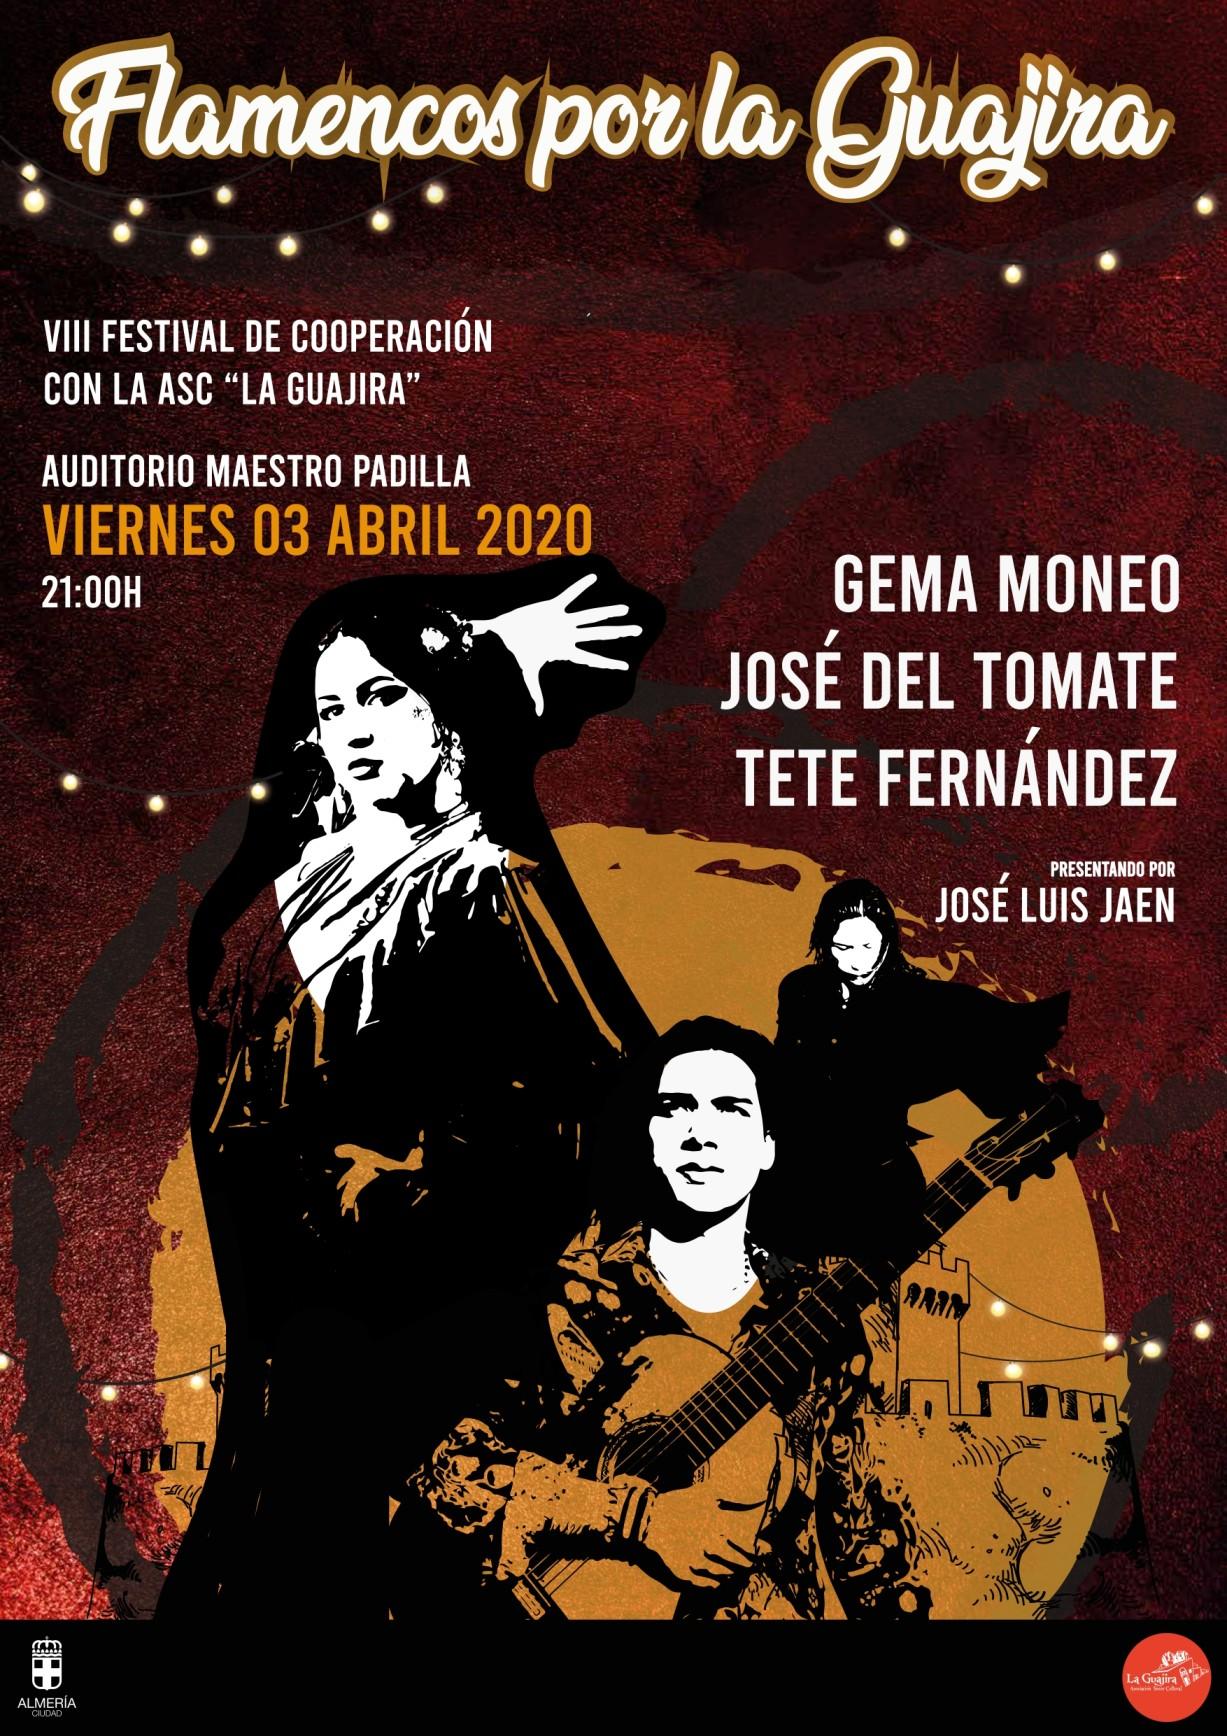 Flamencos por la Guajira 2020